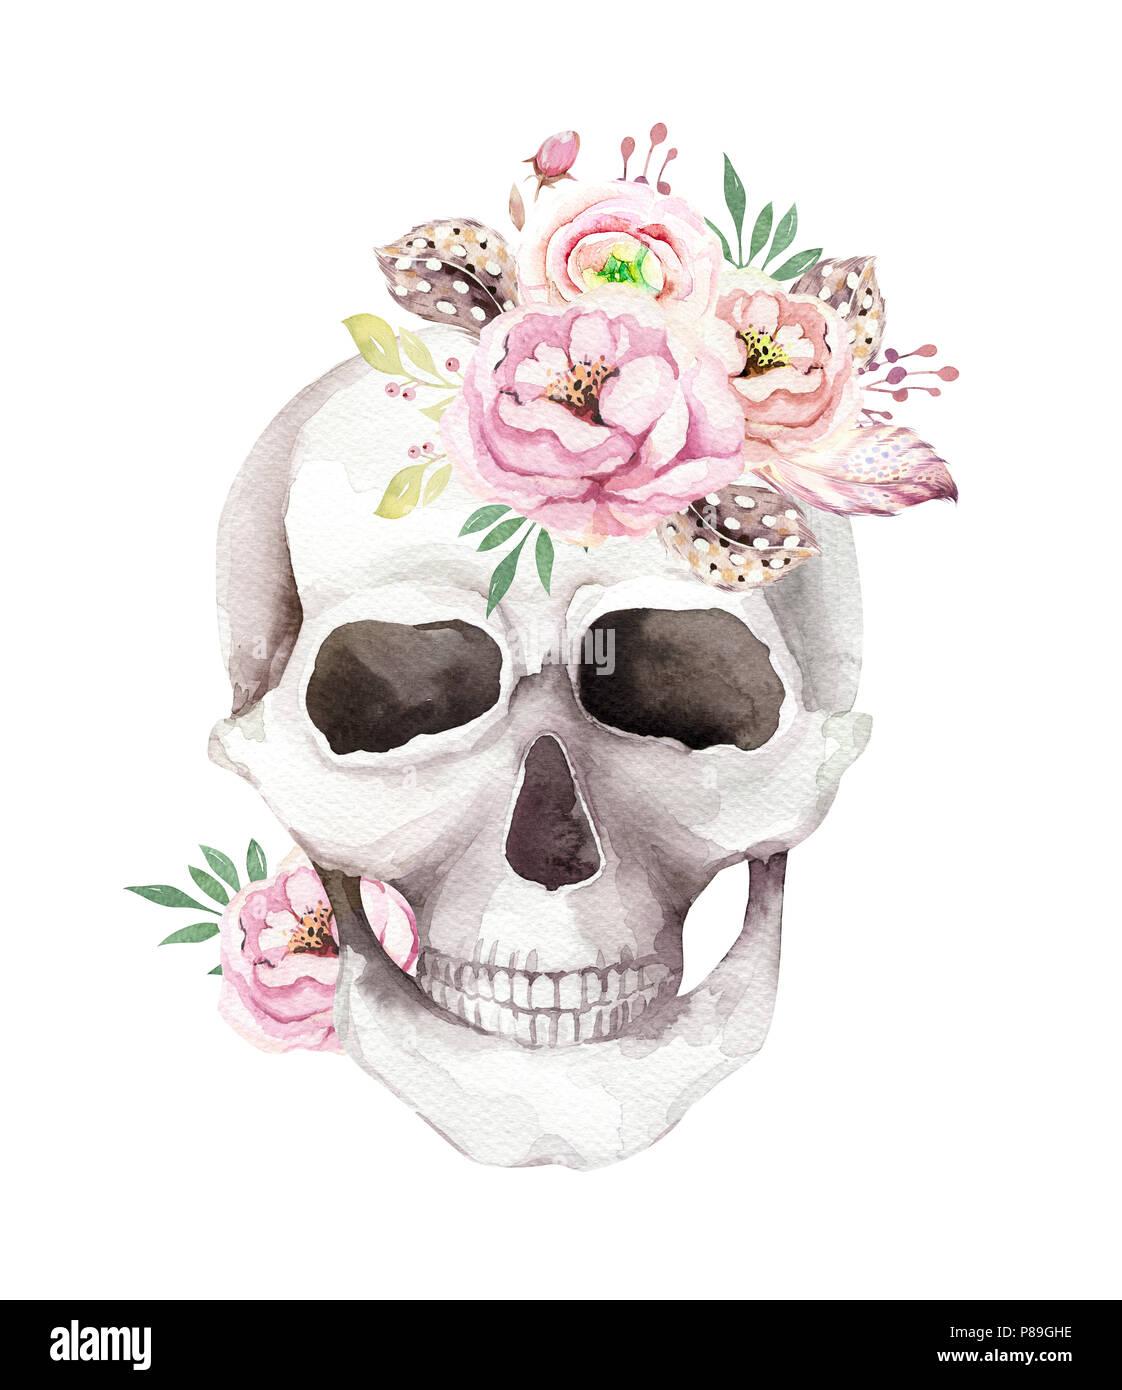 Gothic Rose Tattoo Design Imagenes De Stock Gothic Rose Tattoo